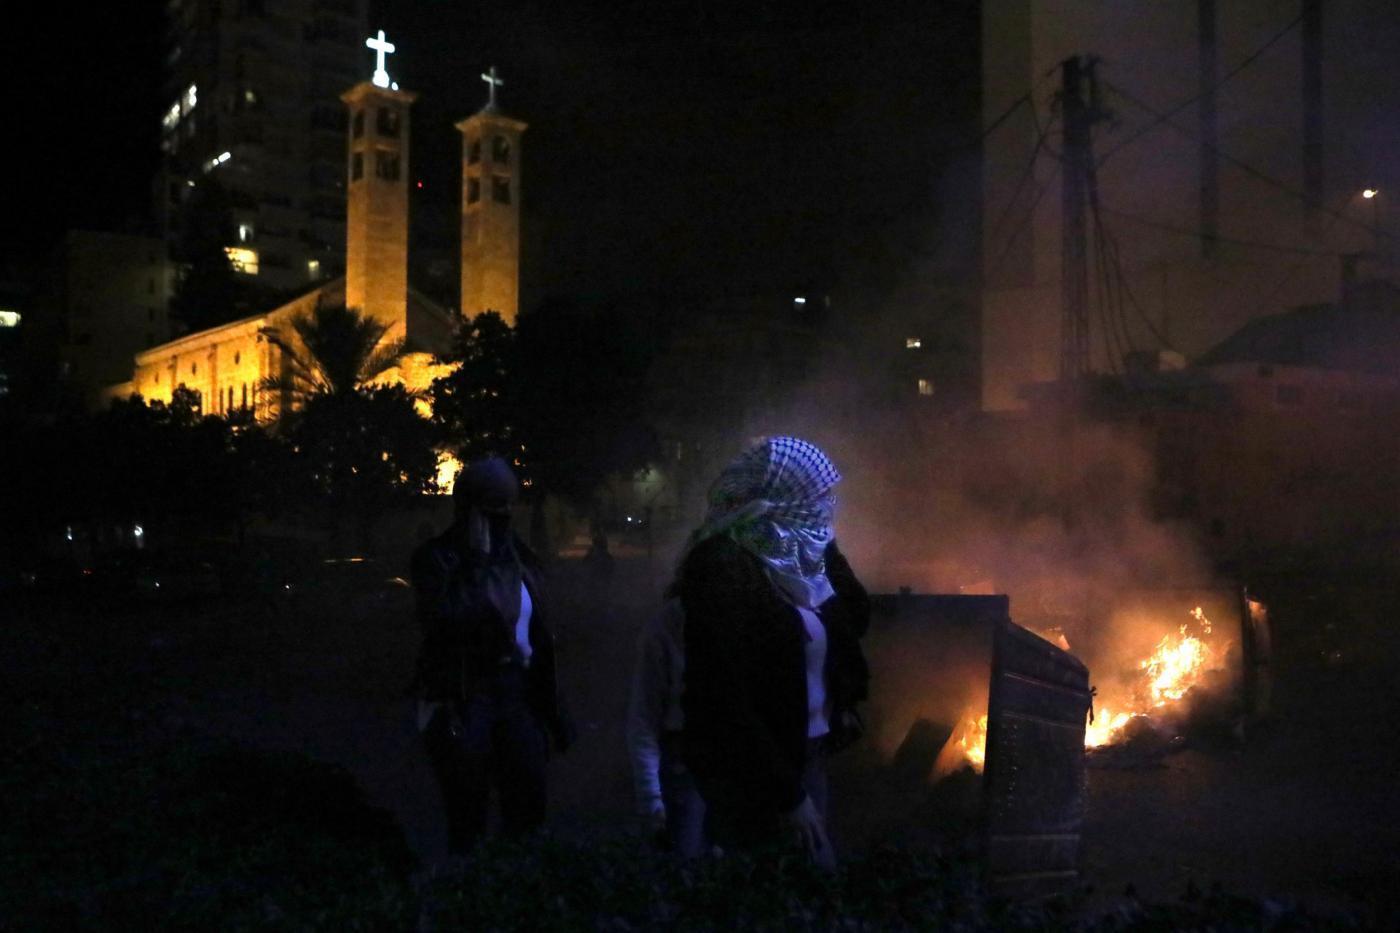 Perusuh Serang Pasukan Kemanan, Demo di Beirut Dibubarkan Paksa